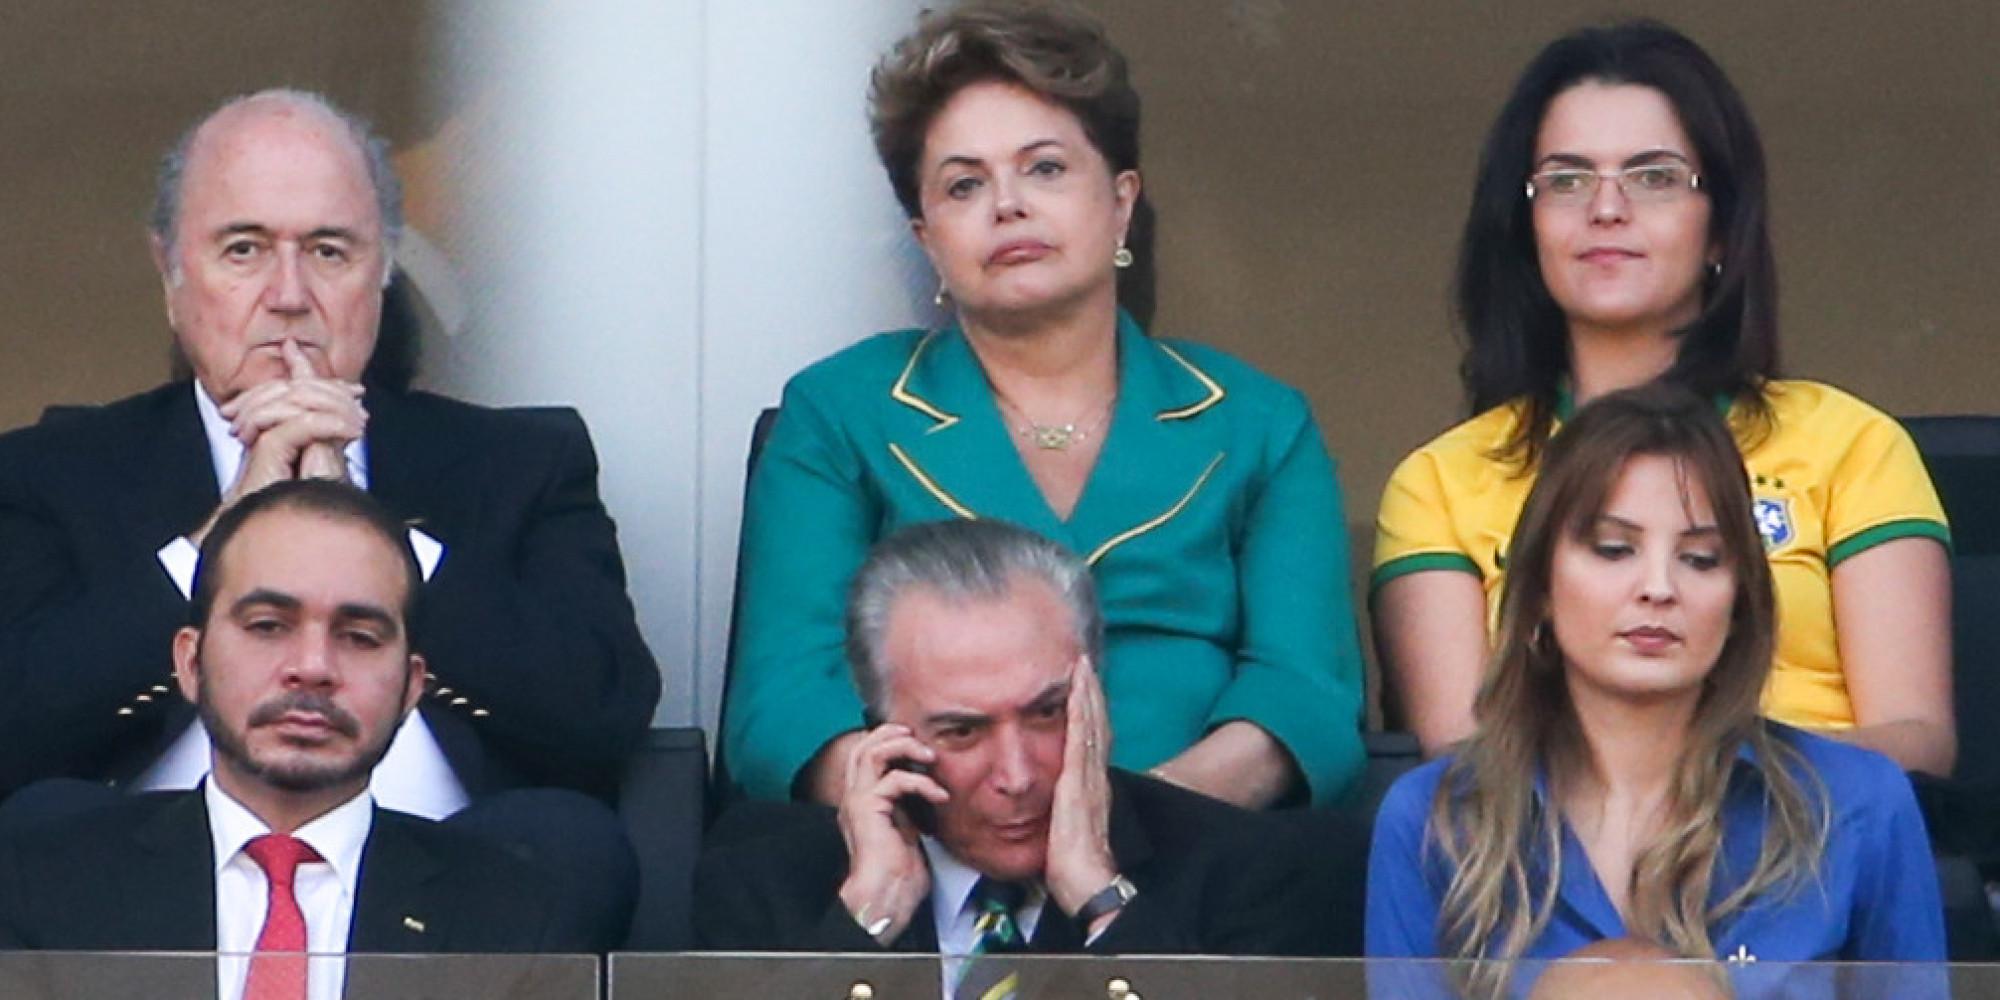 o DILMA facebook Lições sobre o dia em que brancos malditos xingaram Dilma.